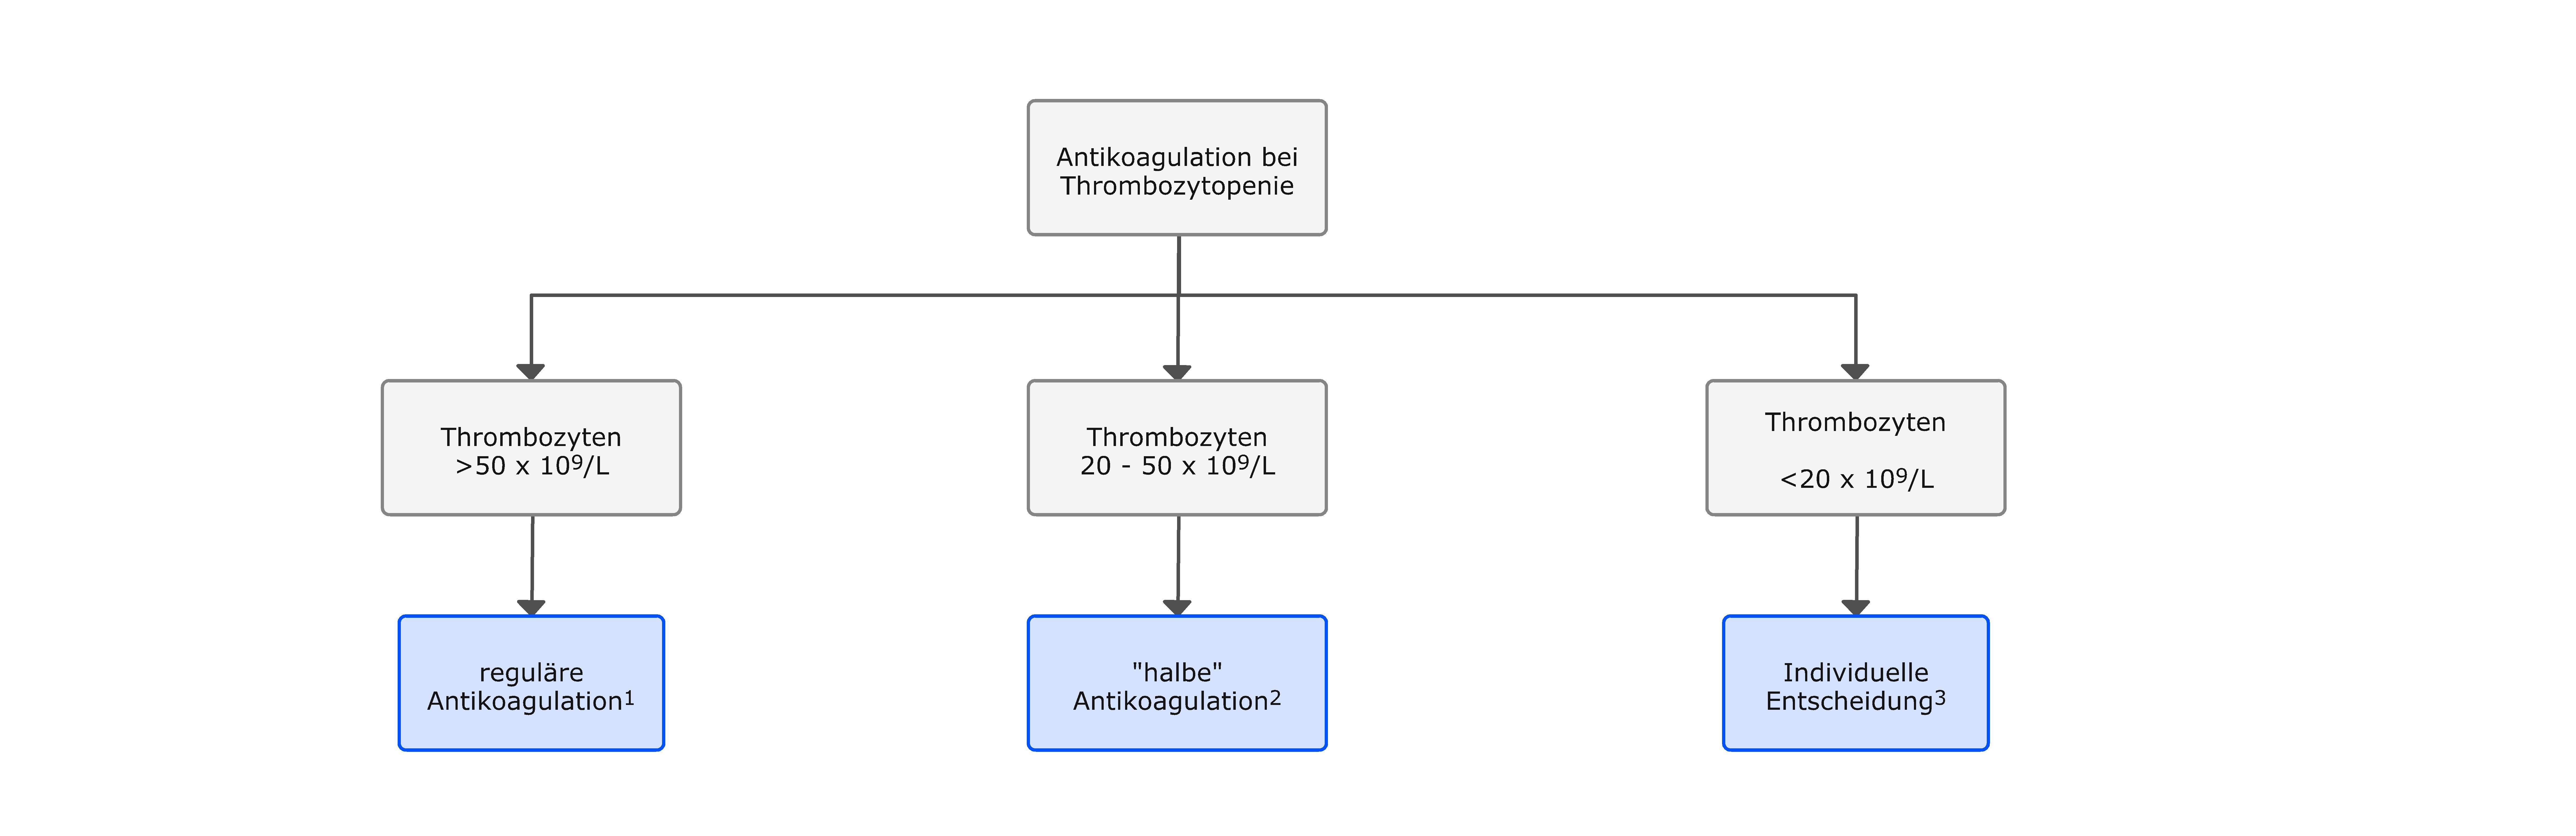 Antikoagulation bei Thrombozytopenie